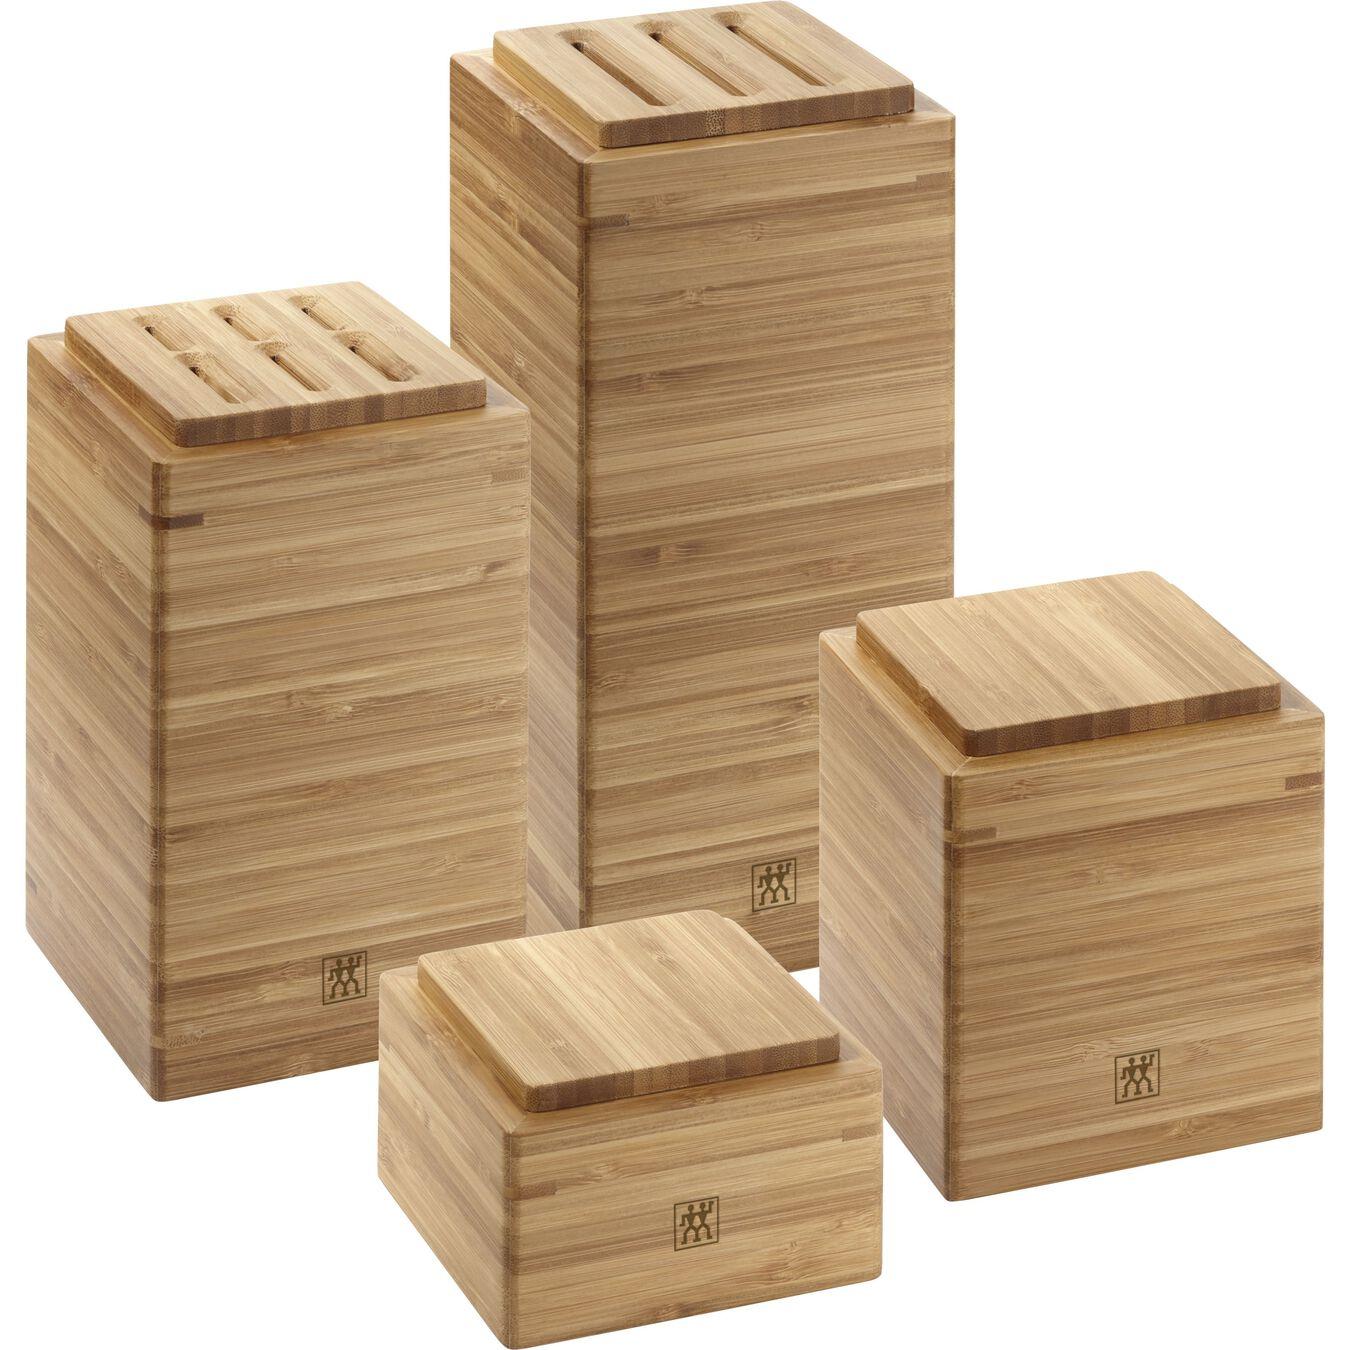 4-pc, bamboo, square, Storage jar set,,large 1